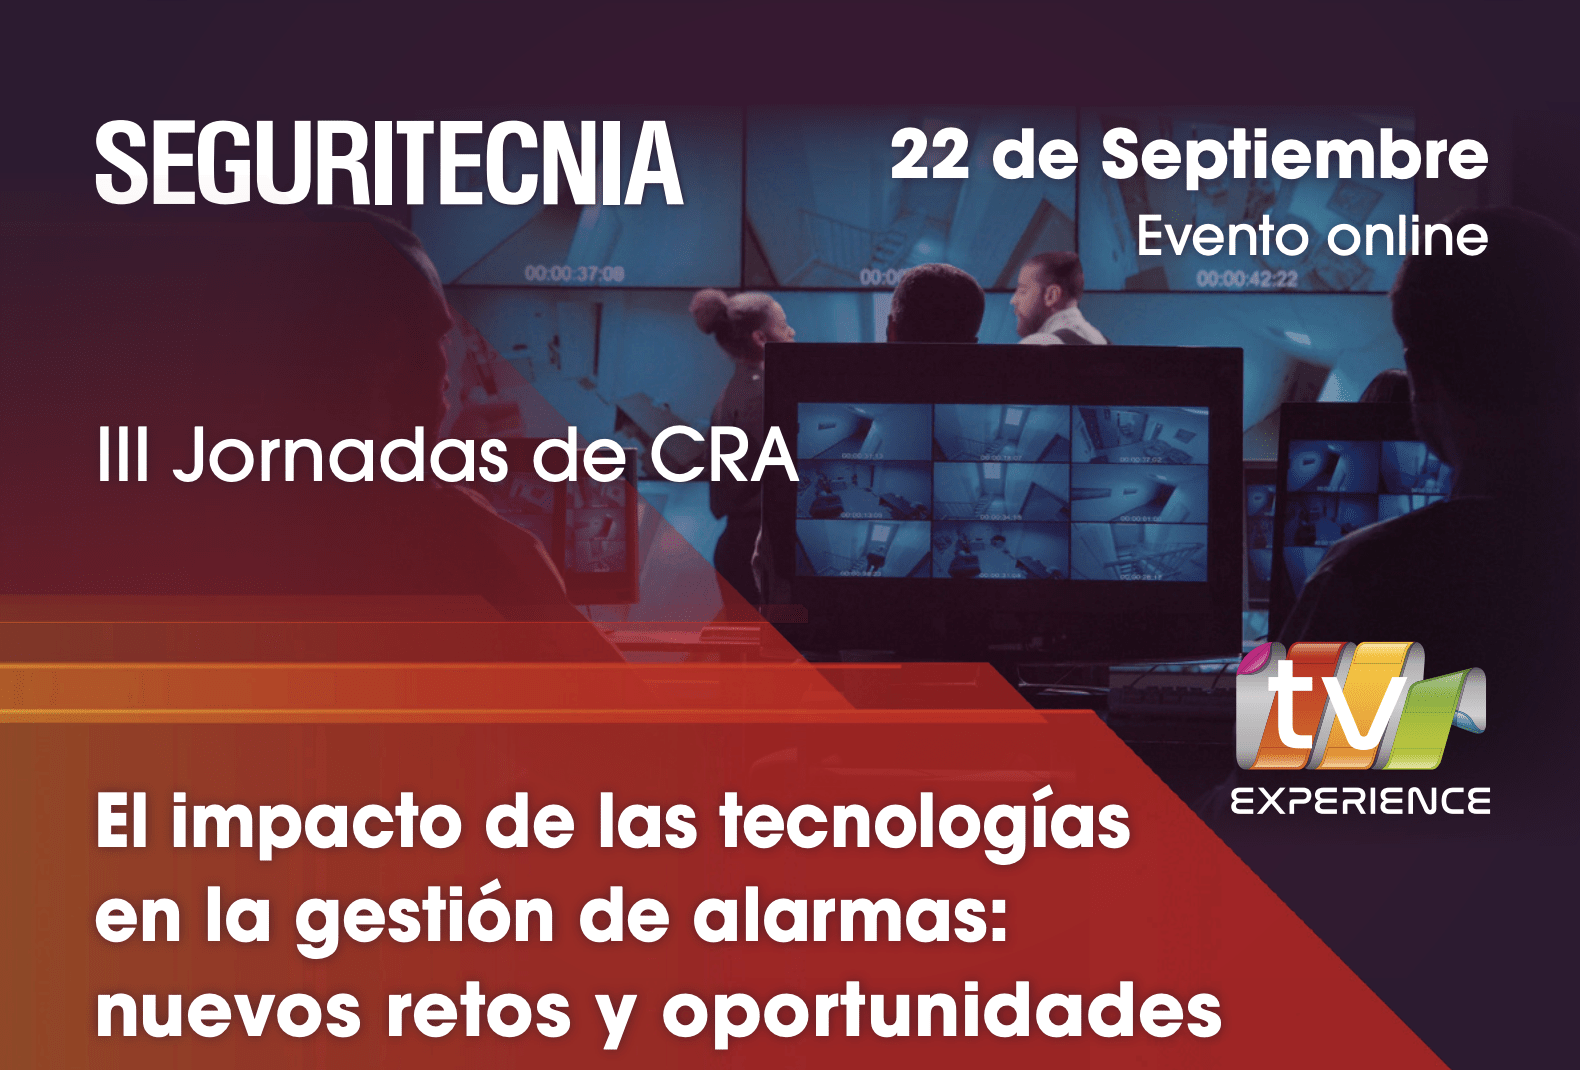 III JORNADAS DE CRA: EL IMPACTO DE LAS TECNOLOGÍAS EN LA GESTIÓN DE ALARMAS